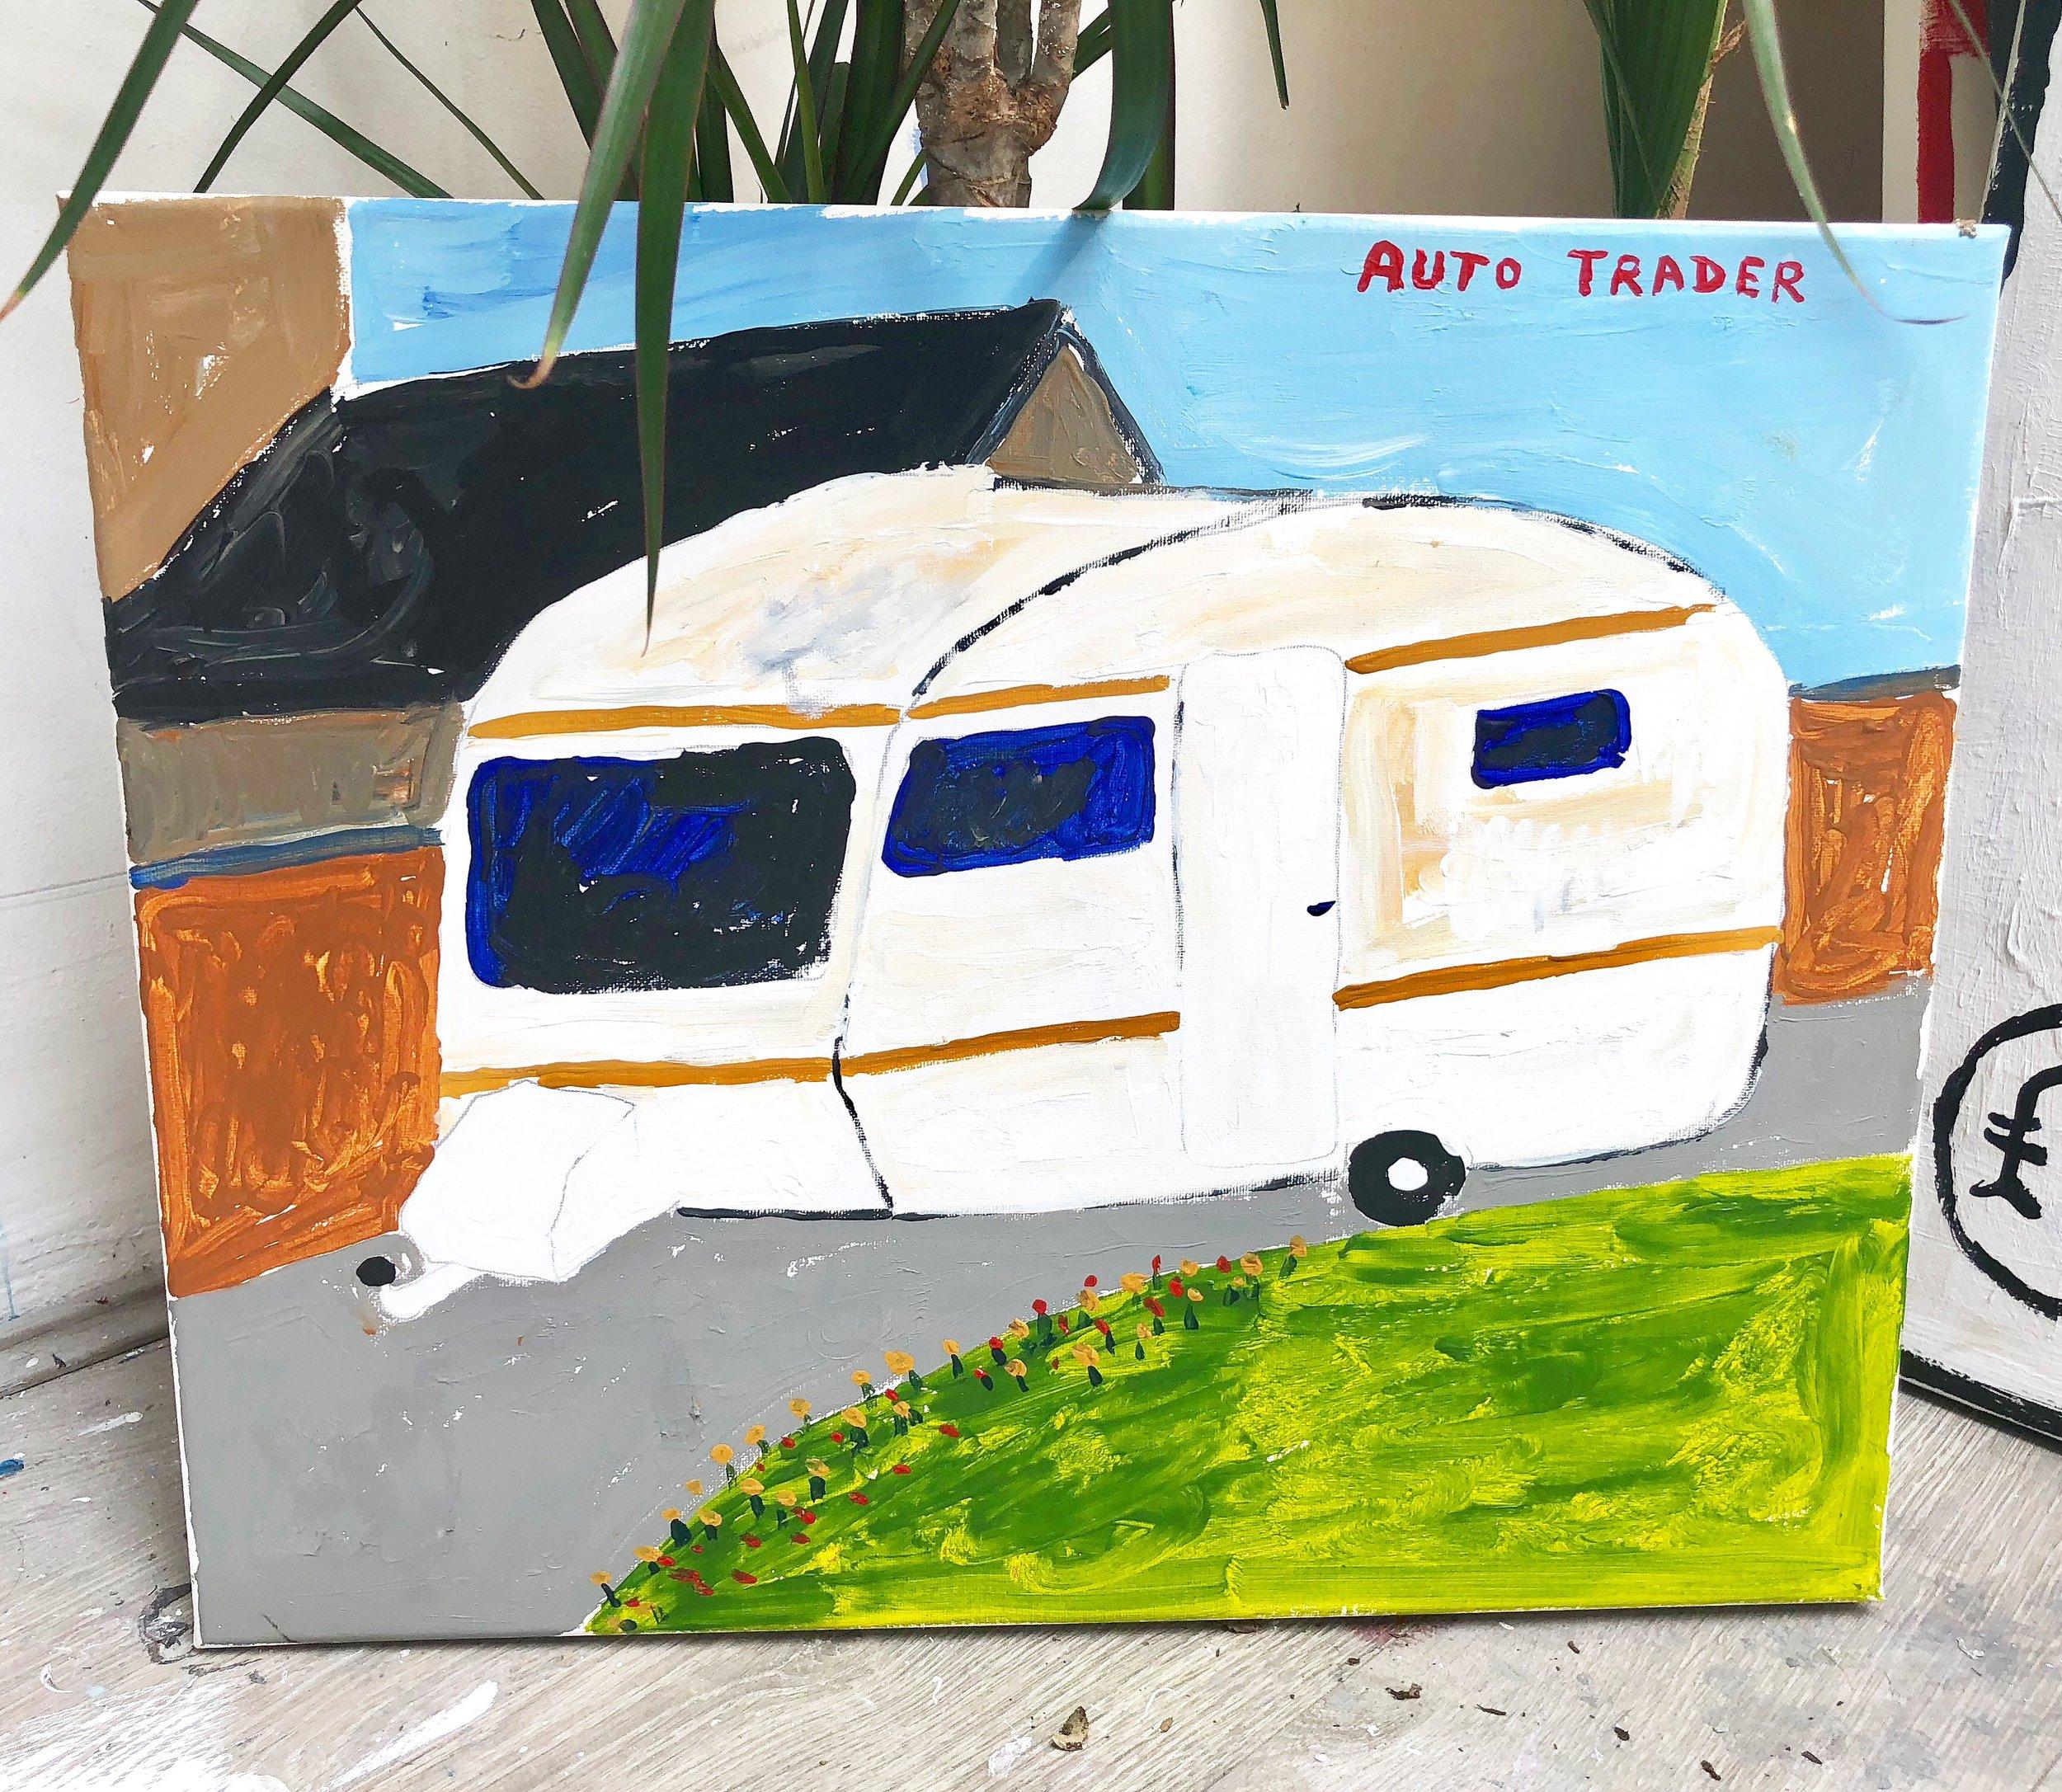 Auto Trader, Richie Culver, acrylic on board, 2018.